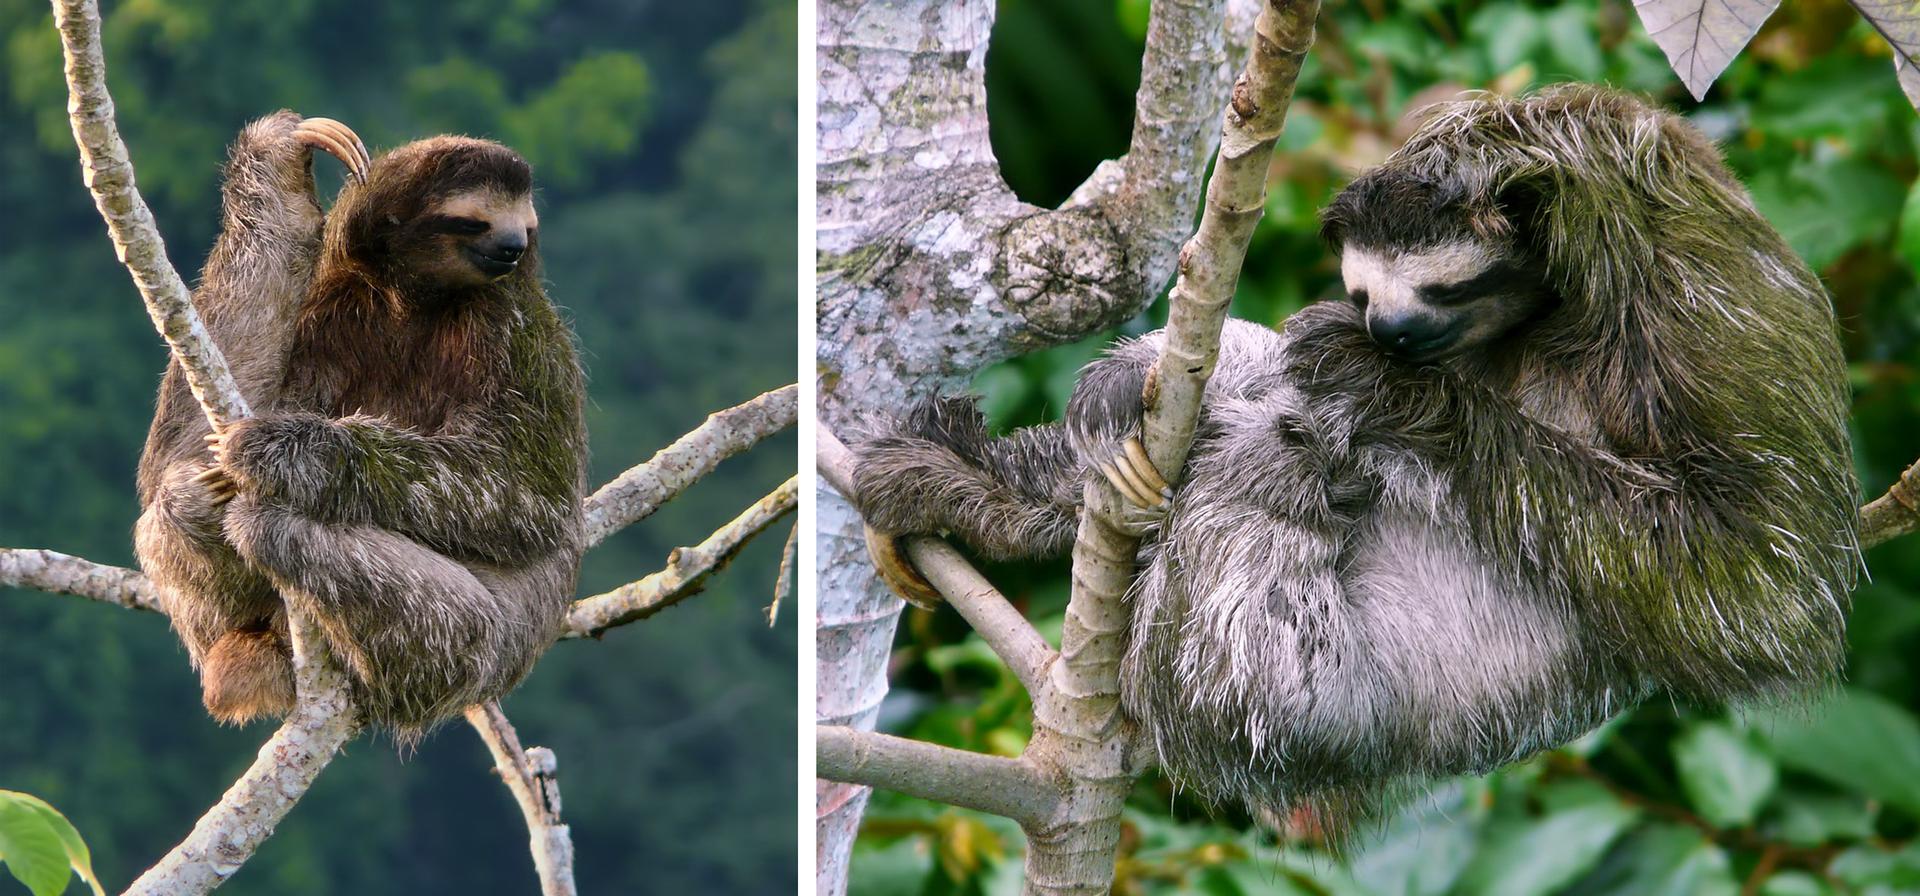 Obie fotografie przedstawiają szare leniwce, siedzące na drzewach. Zwierzęta mają częściowo zieloną od glonów sierść, zwłaszcza na ramionach. Ten po lewej swoimi długimi pazurami drapie się po głowie. Ten po prawej pazurami trzyma się gałęzi.